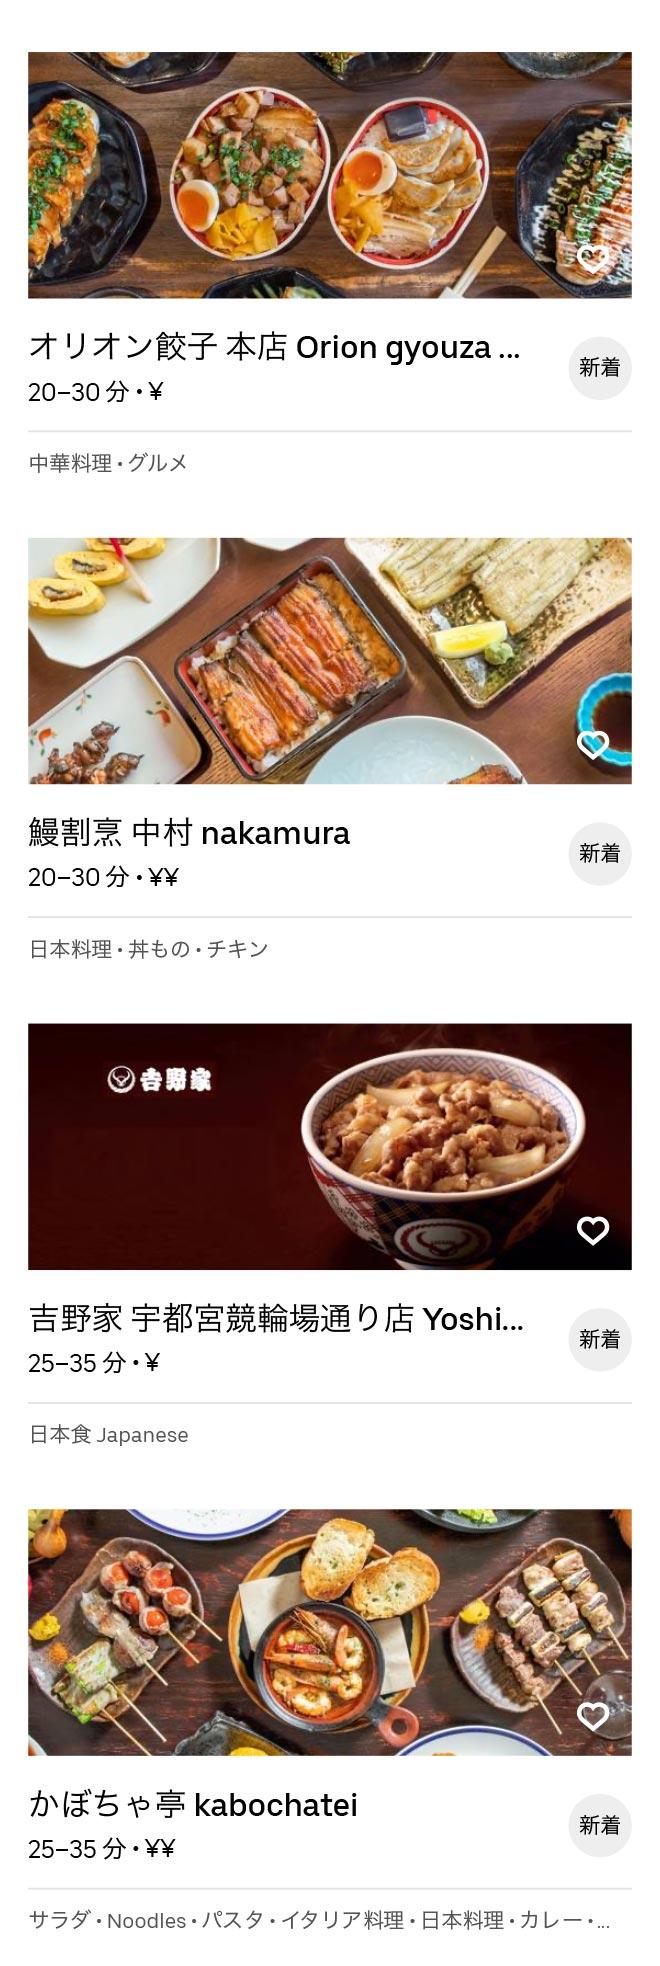 Tobu utsunomiya menu 200604